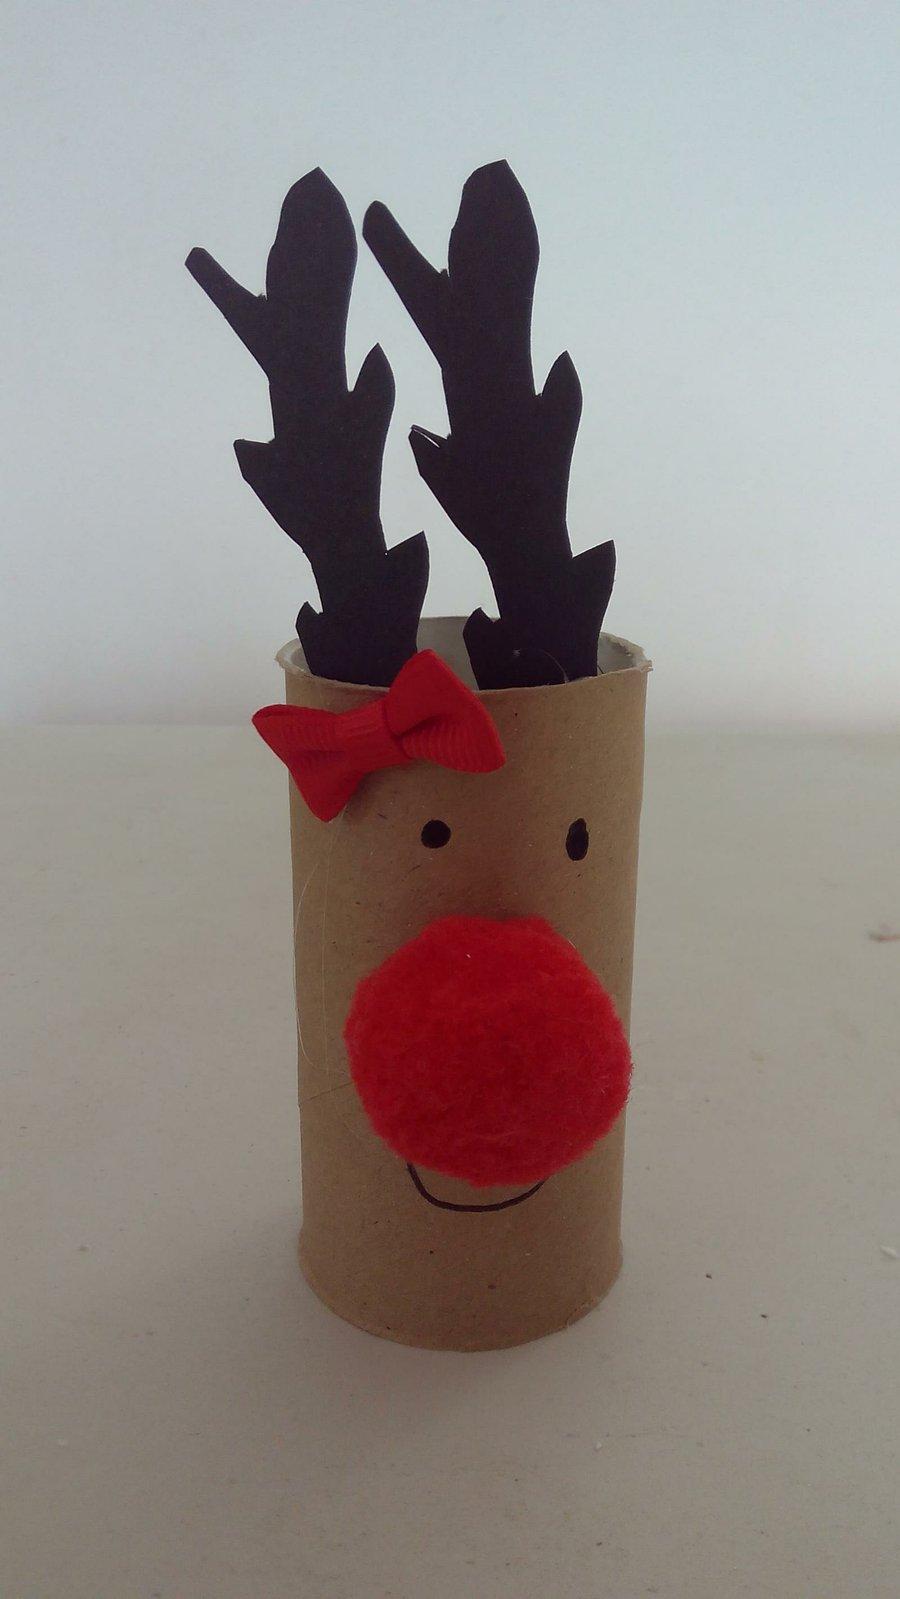 Reno Para Navidad Una Manualidad Divertida Manualidades - Manualidades-con-rollos-de-papel-higienico-para-navidad